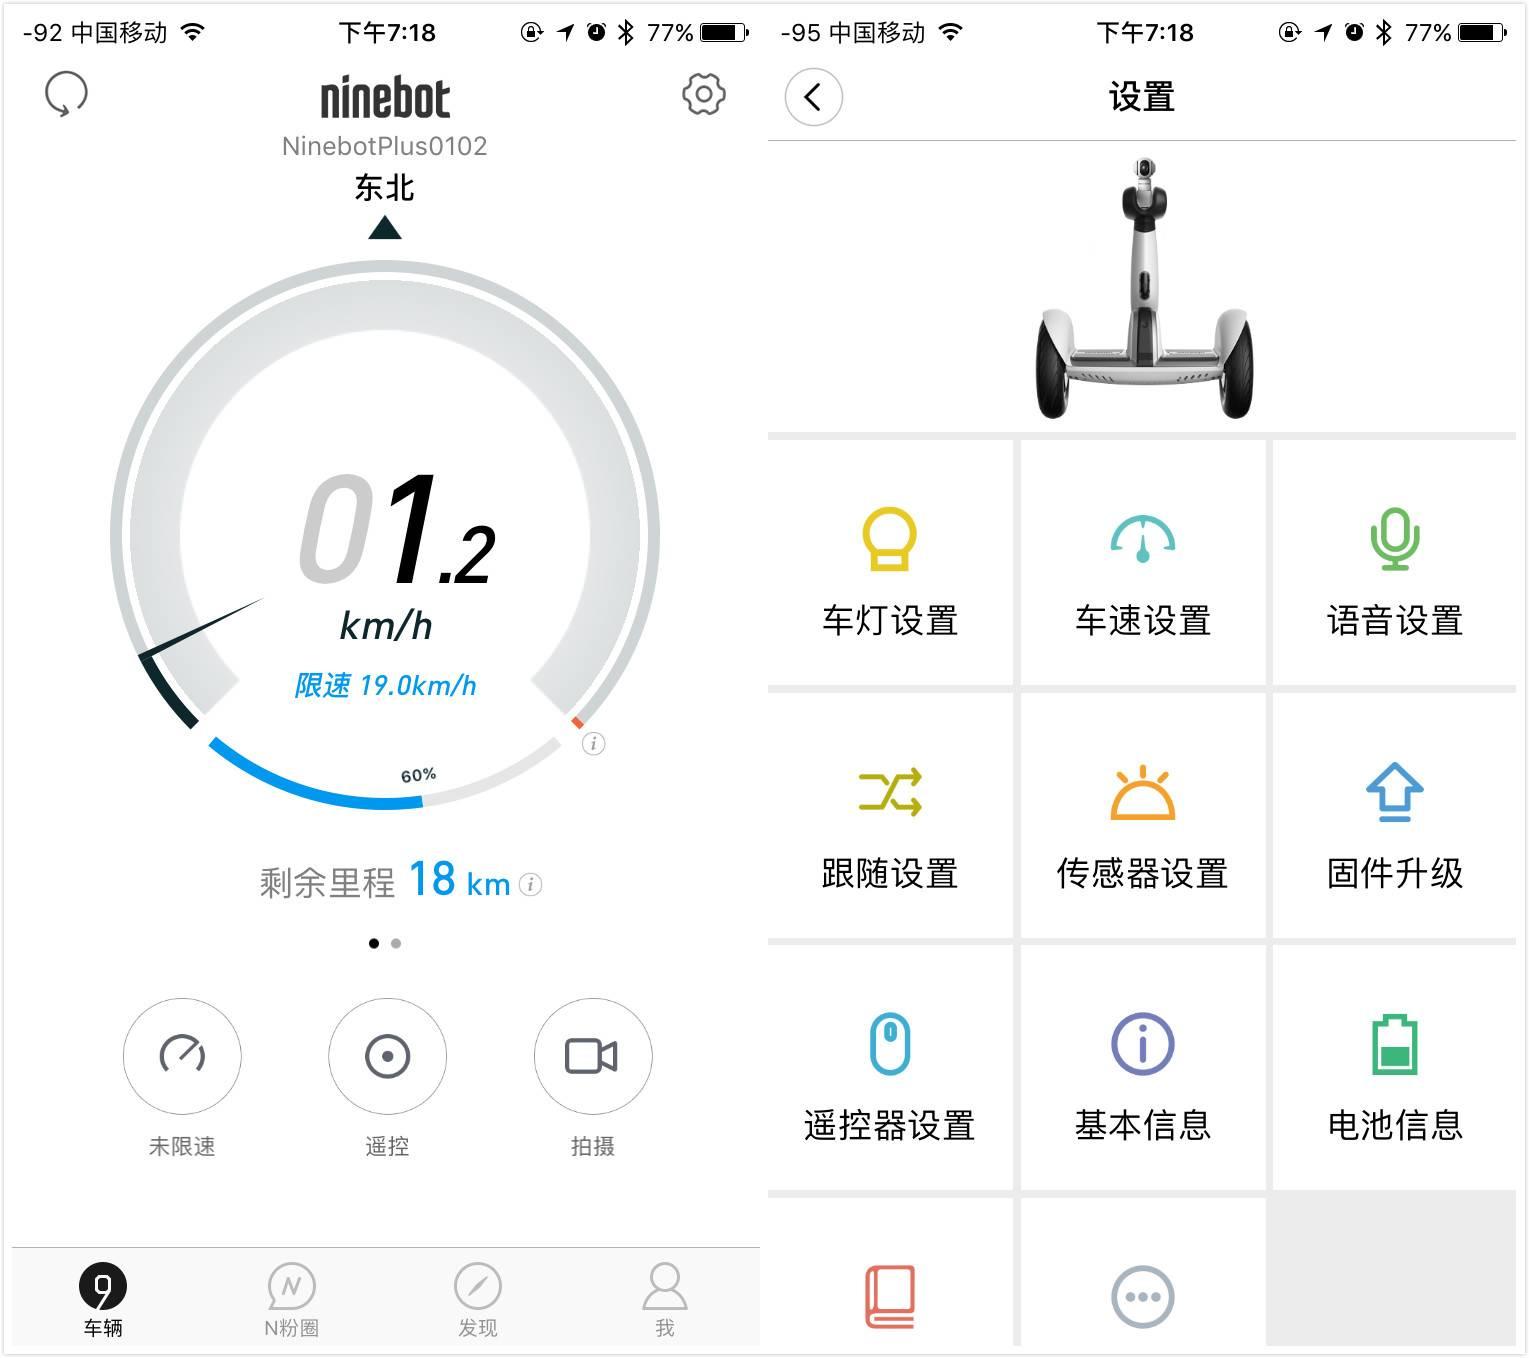 整个app最次要的功用便是平安设置和调理灯光